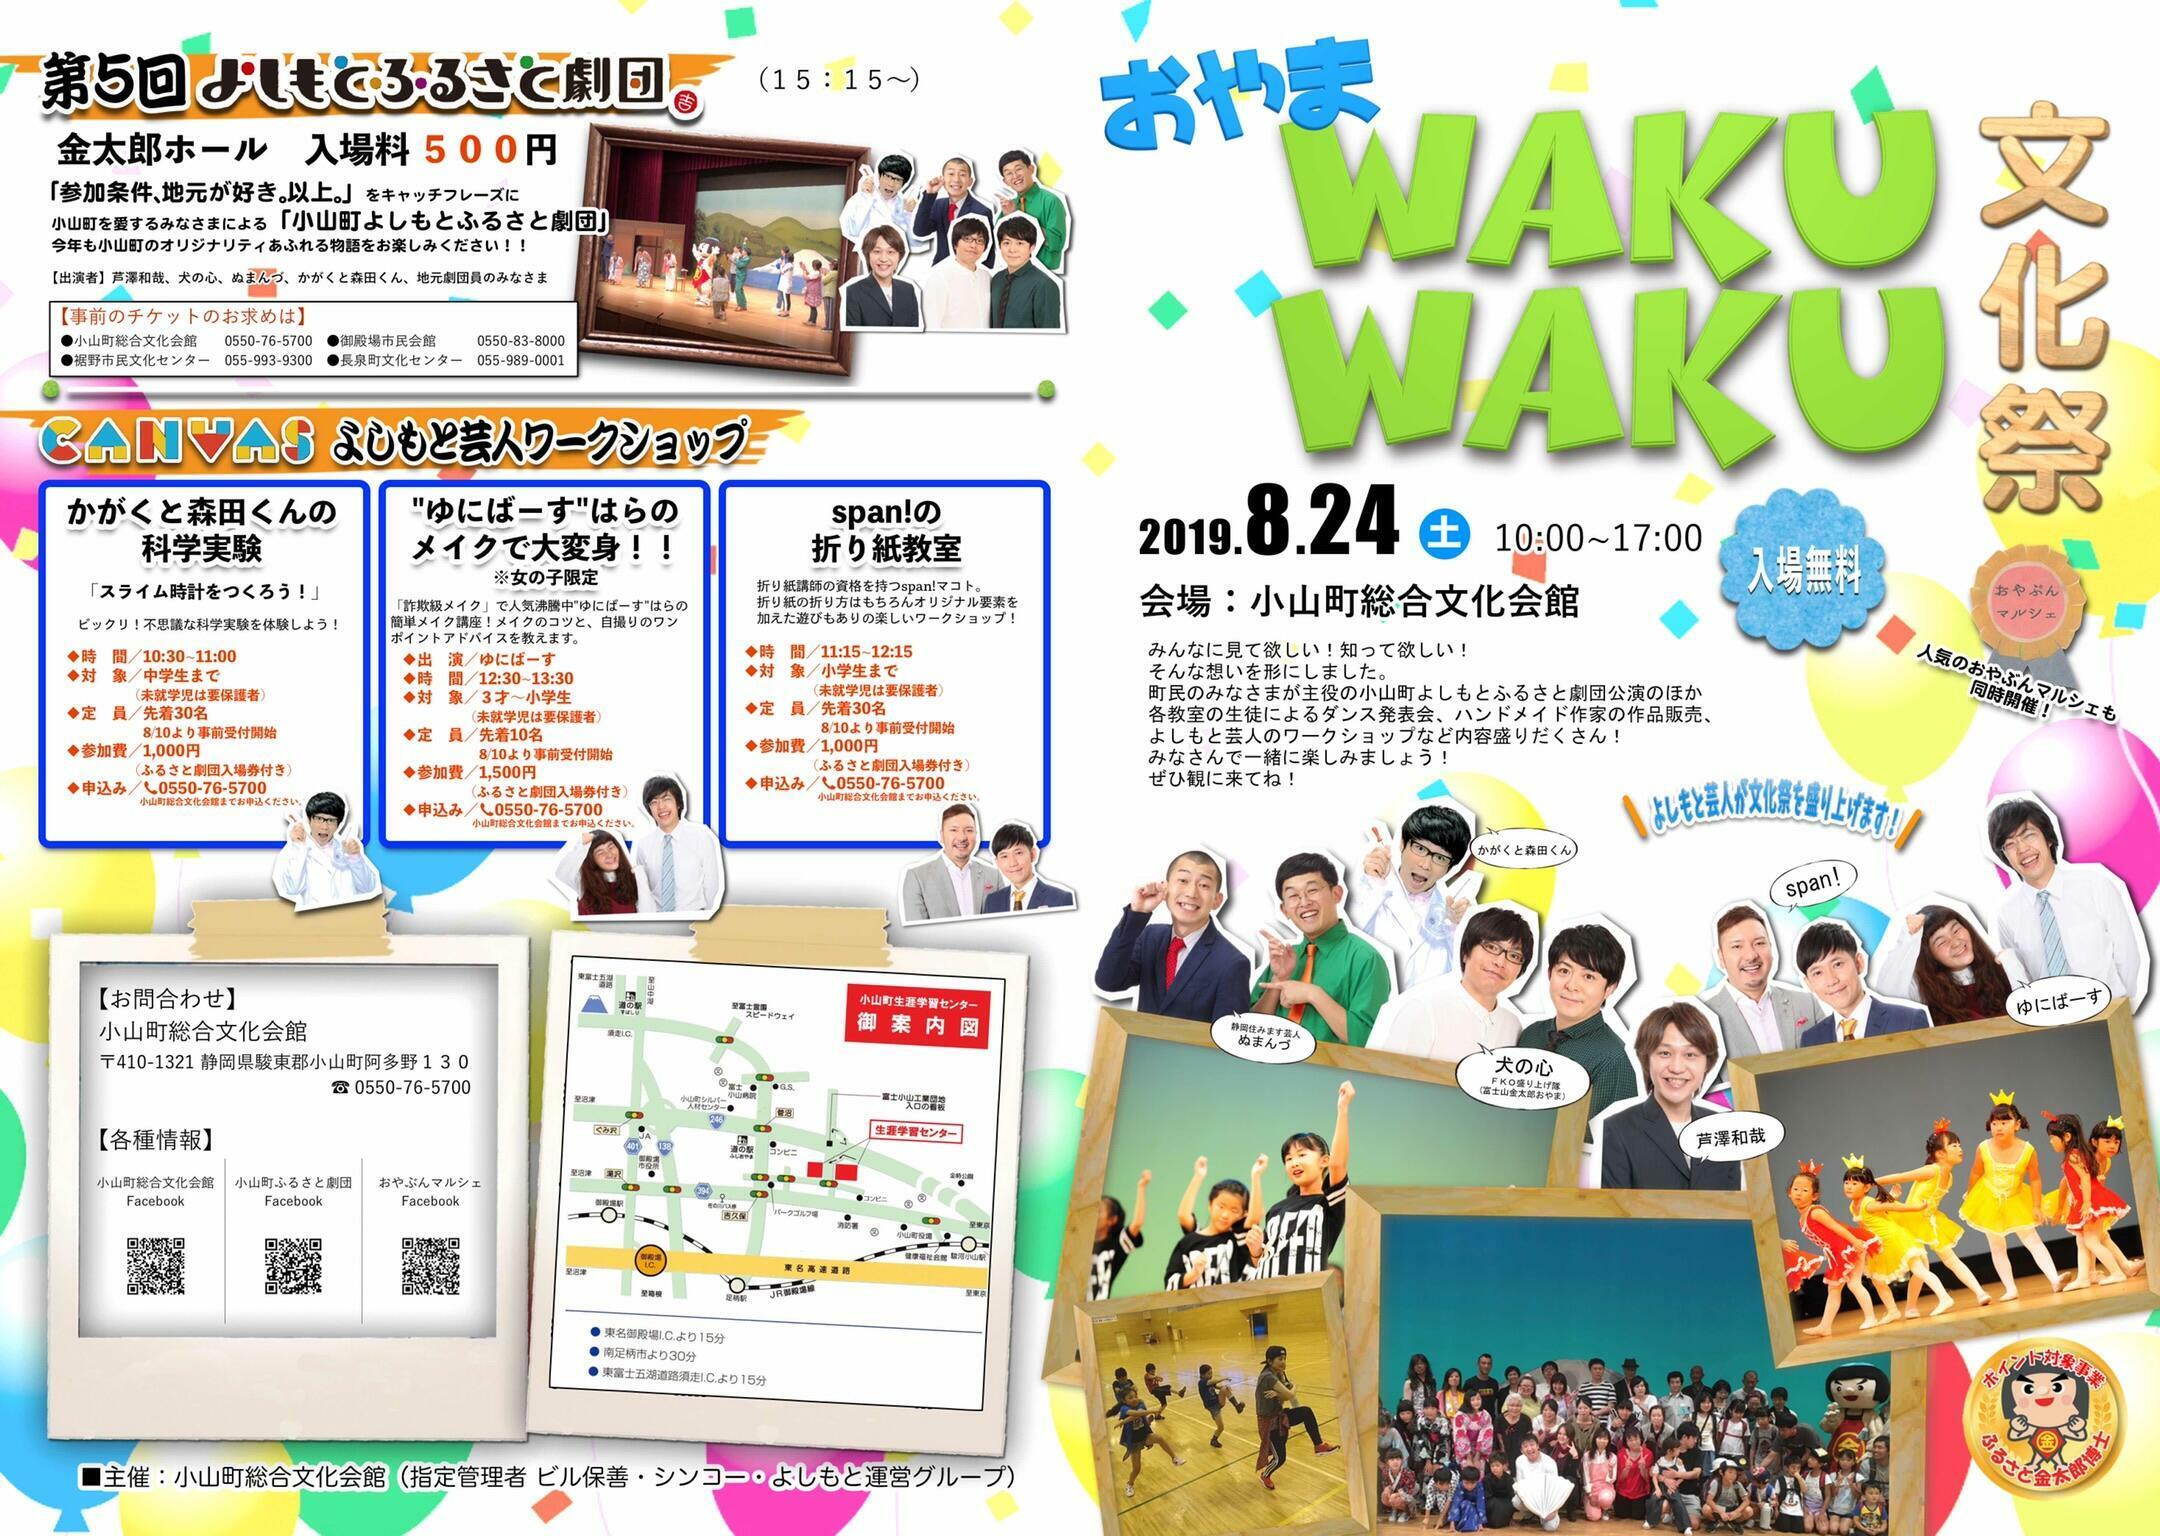 http://47web.jp/shizuoka/uploads/7796f2e02d6e36393838c7aa924325d8e0664df1.jpeg